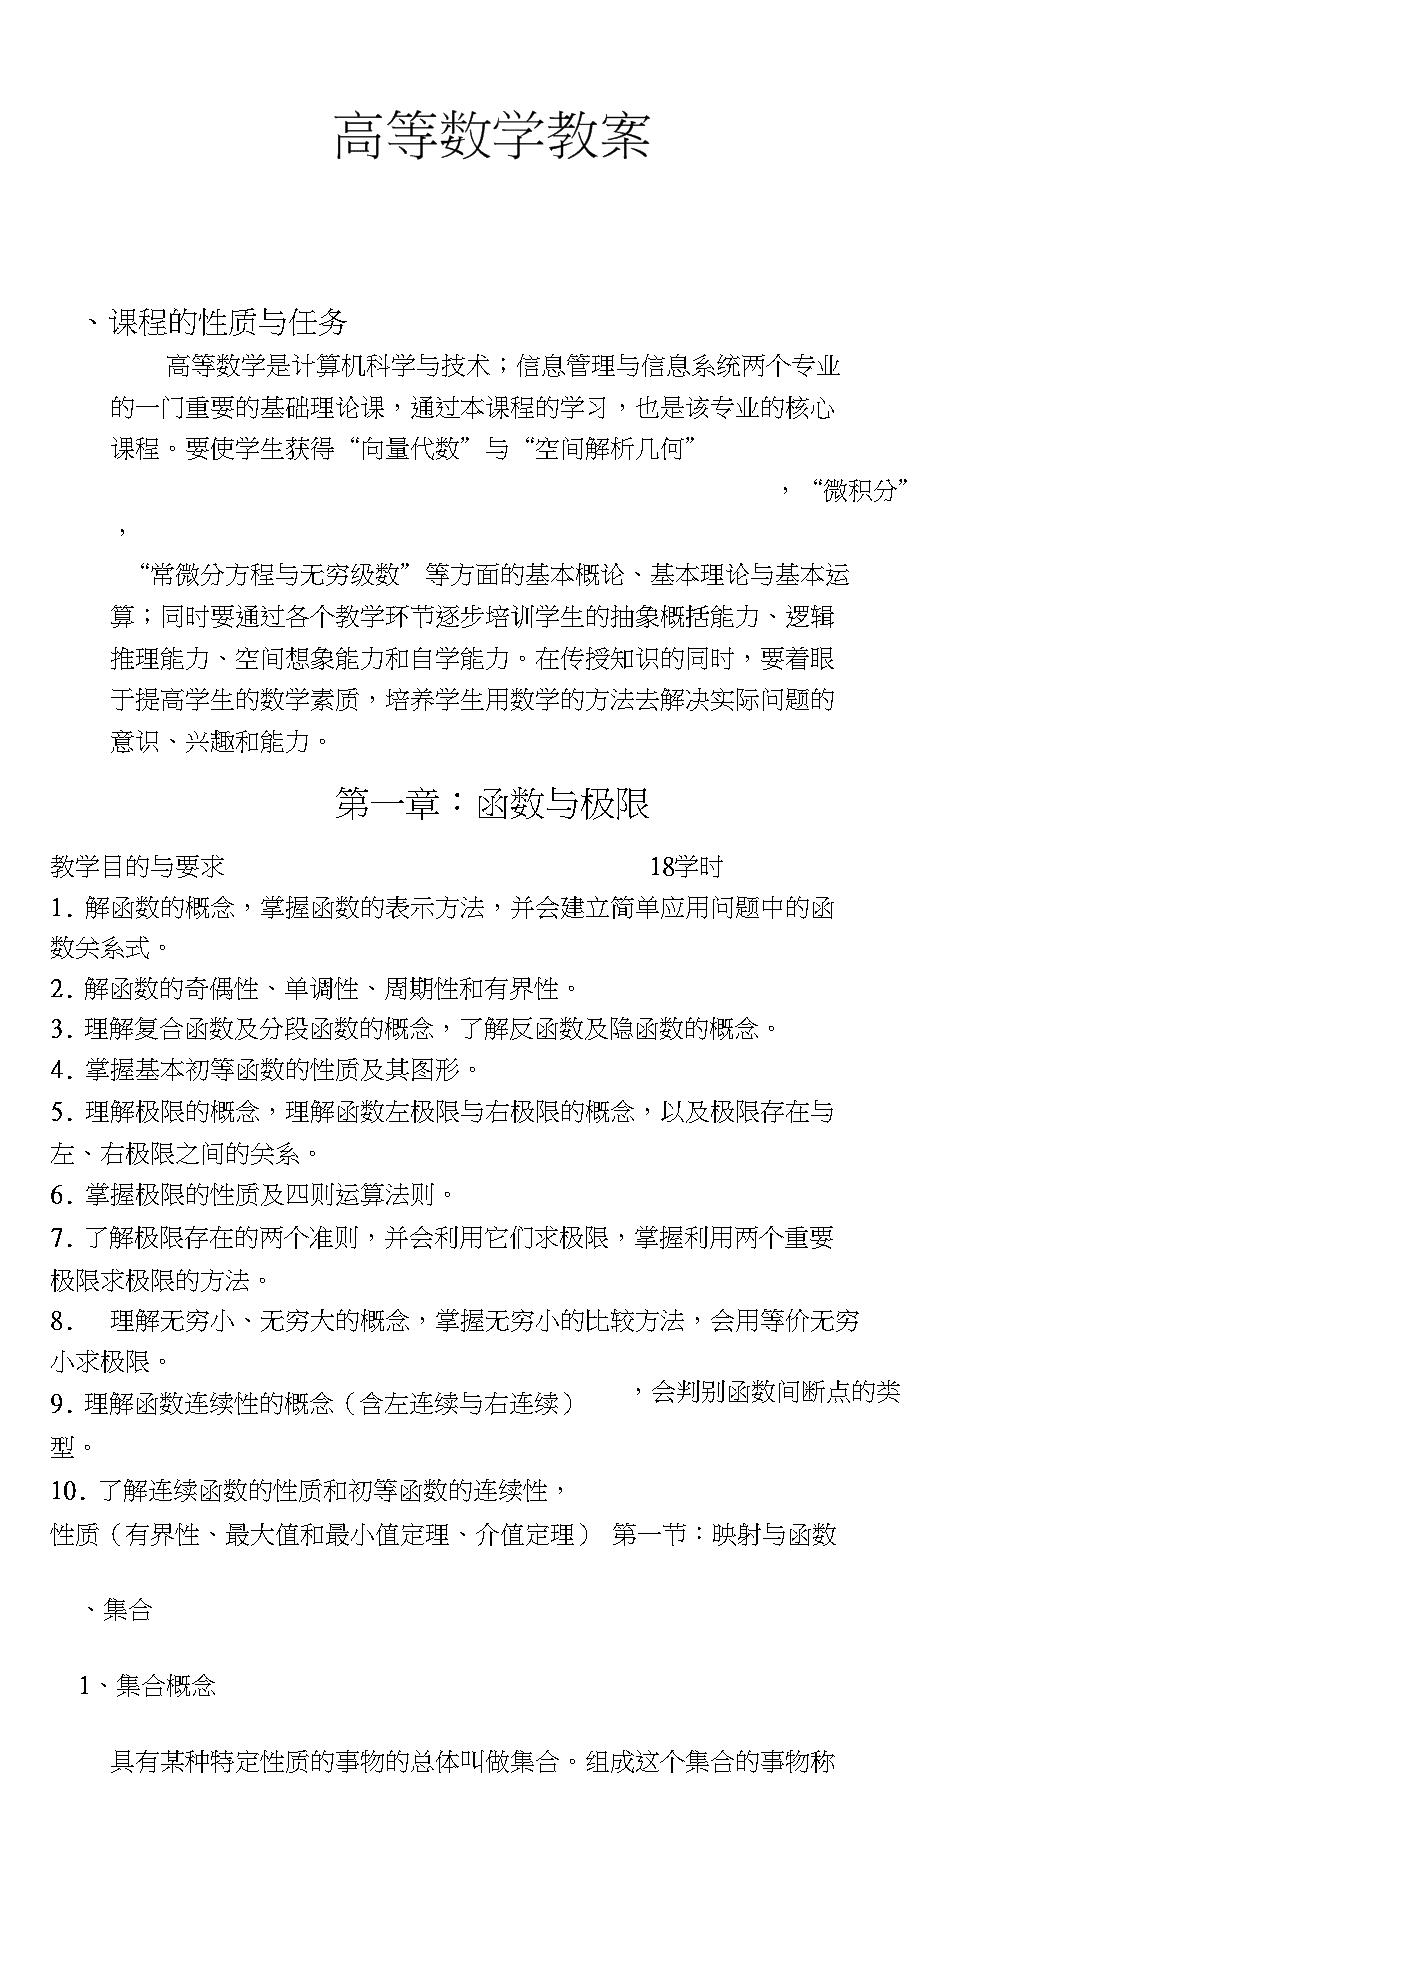 高等数学上册教学方案设计.docx